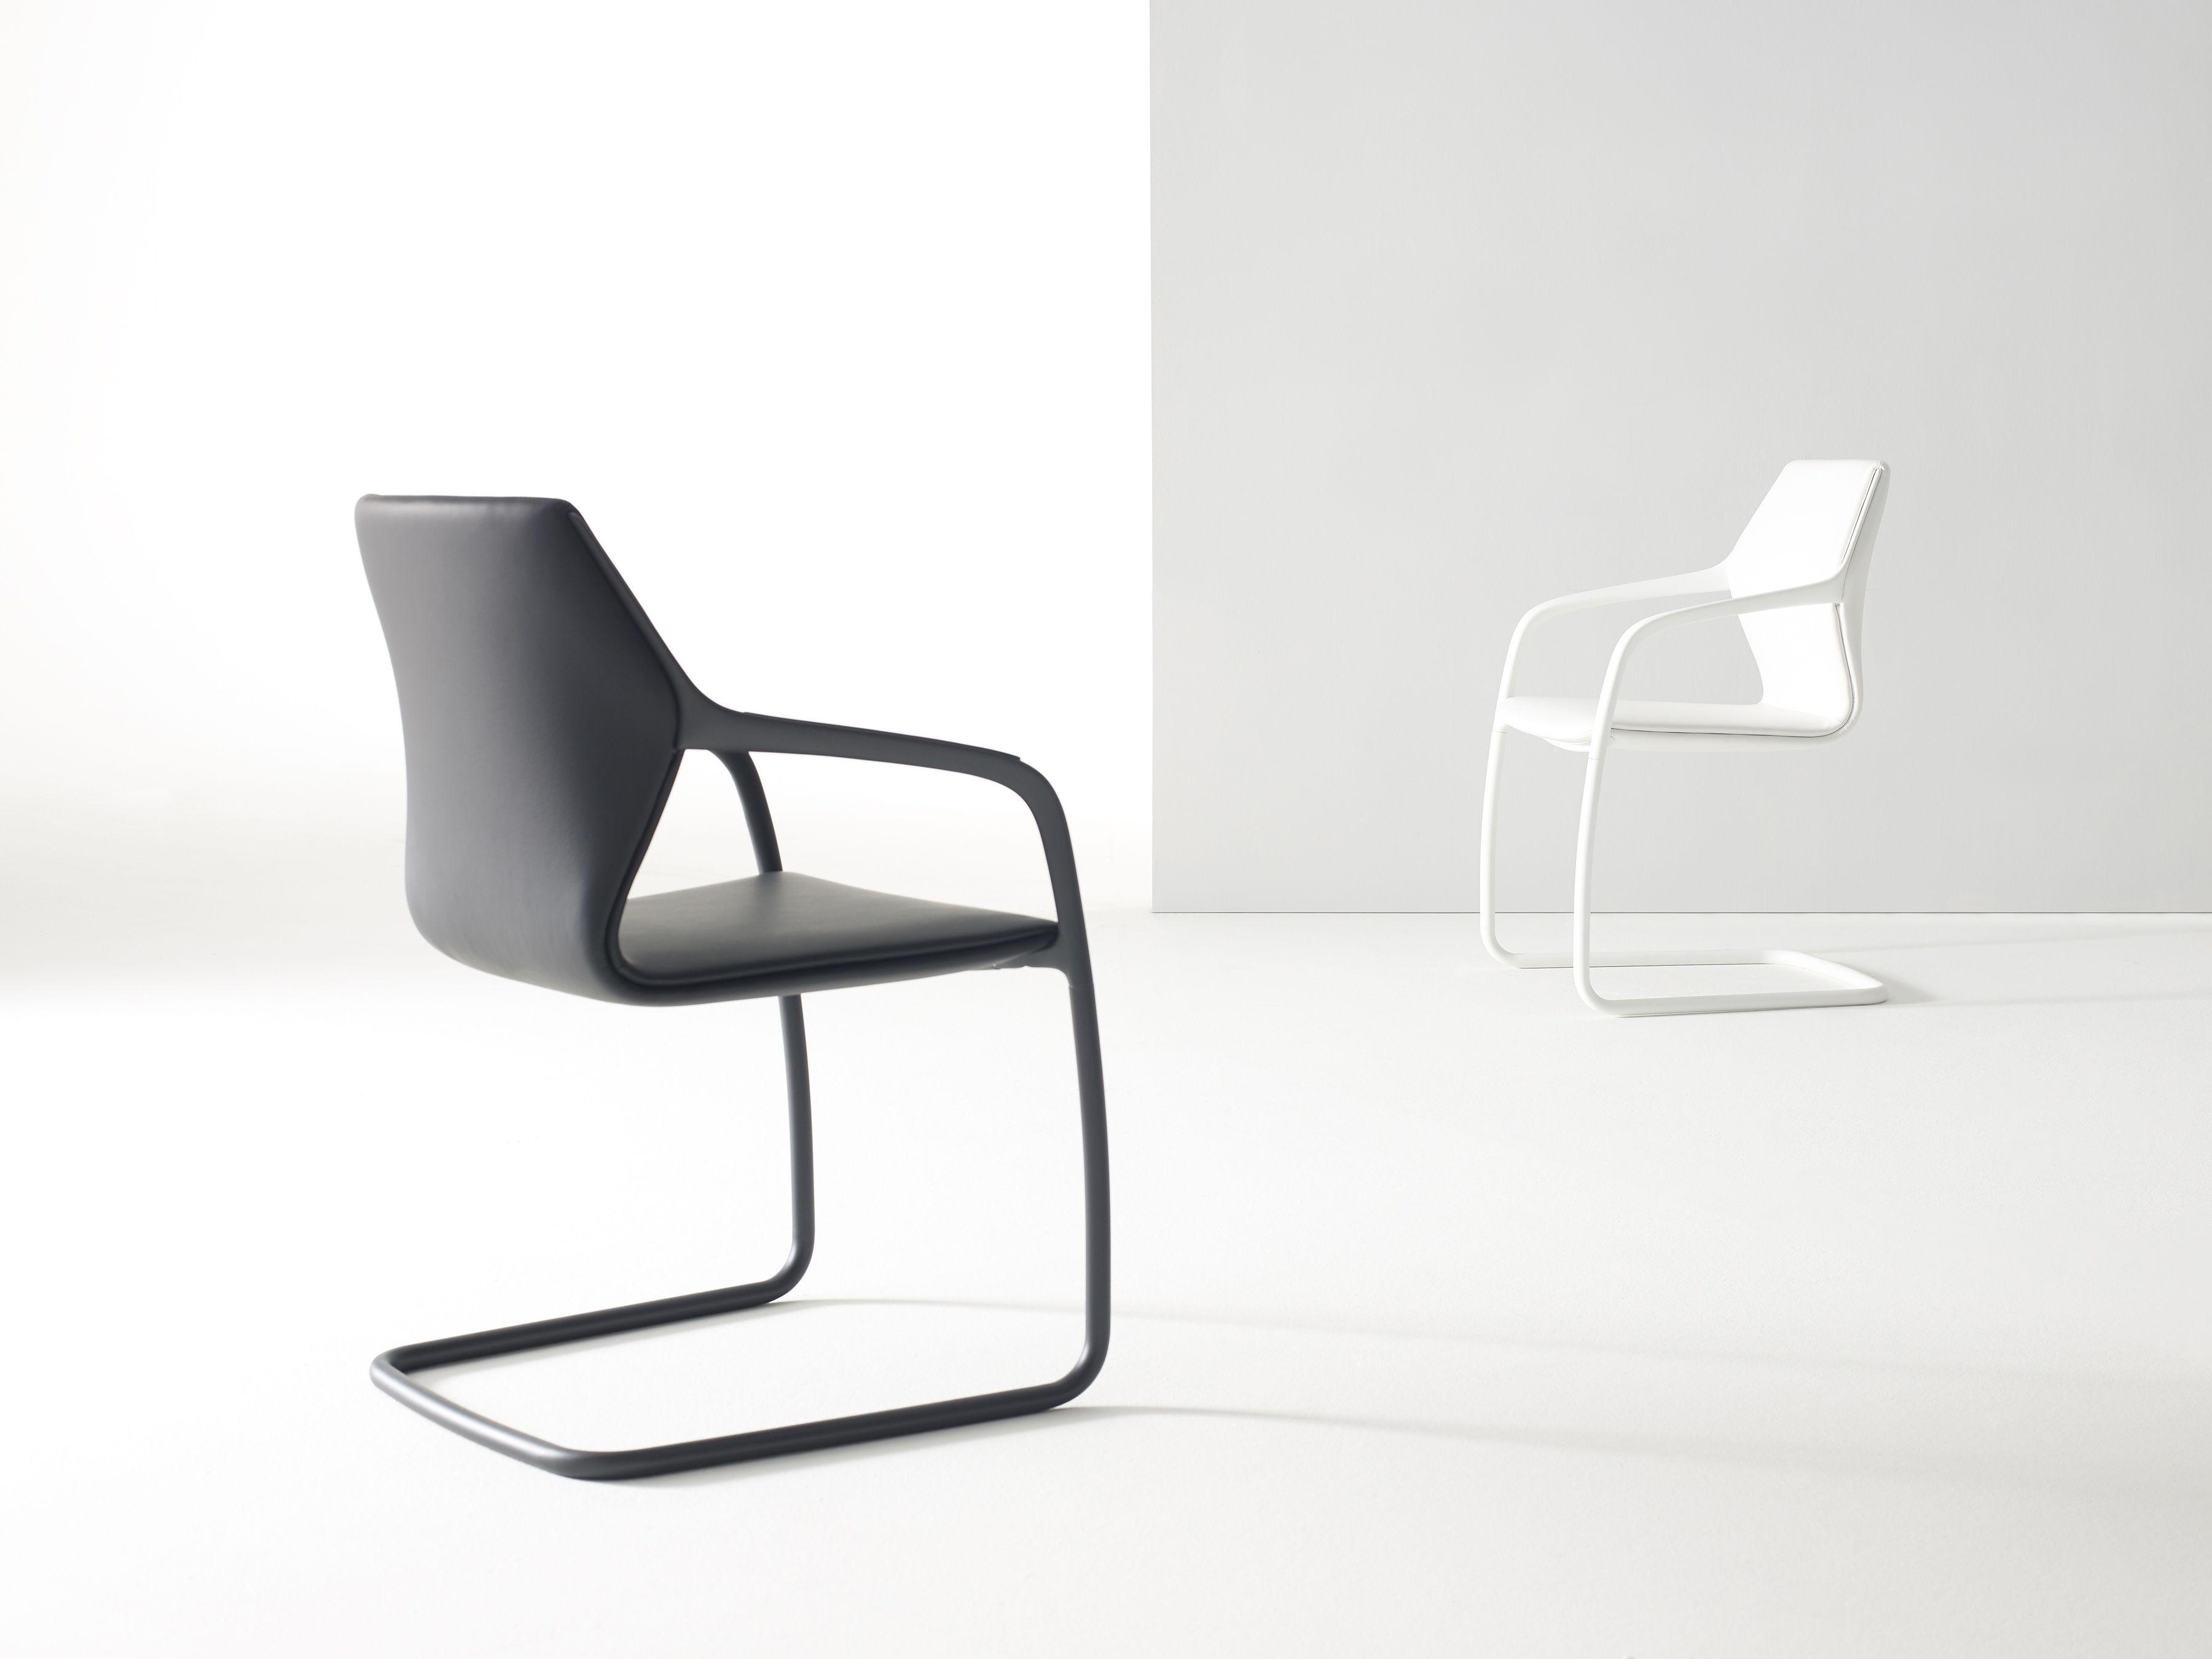 Zen Chair From Davis Furniture Chairs Davis Furniture